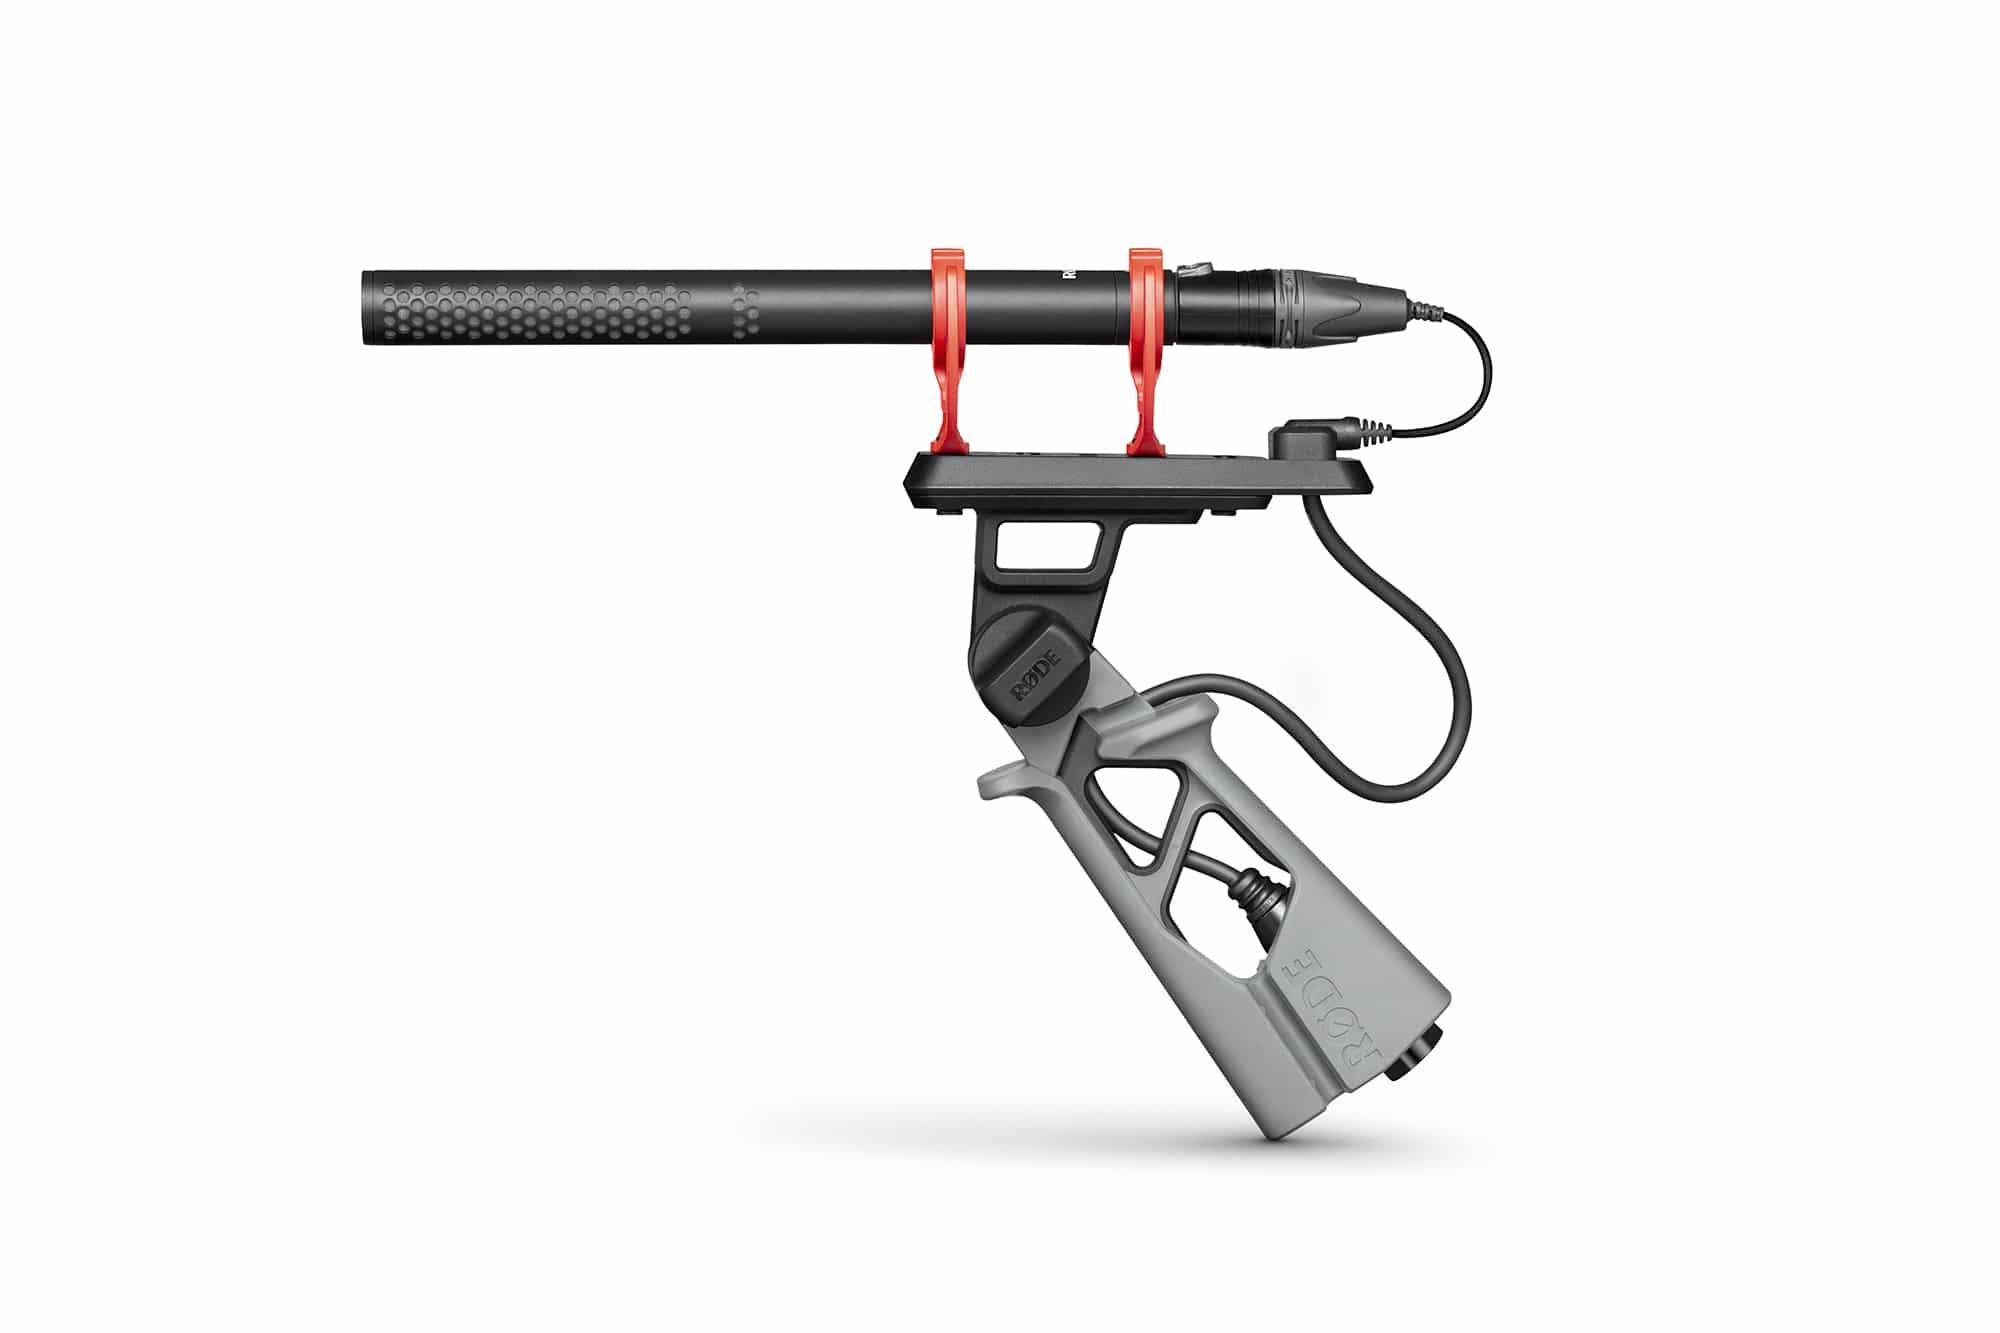 RØDE unveils NTG5 short shotgun microphone 12